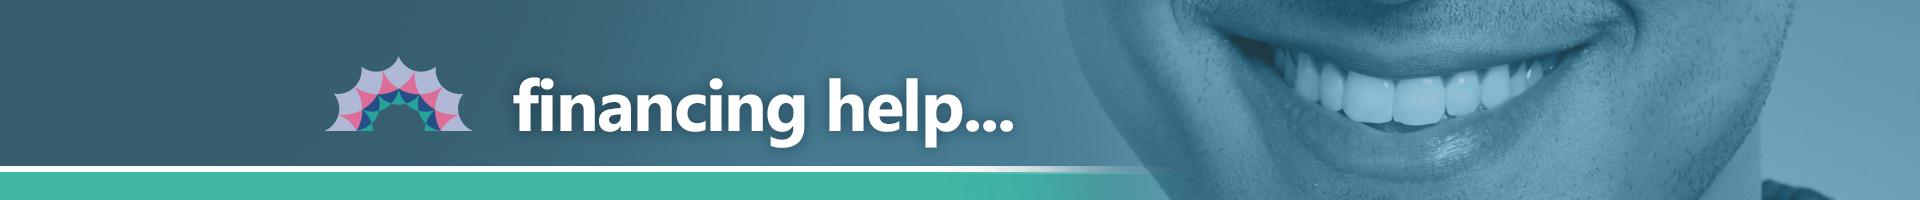 financing help